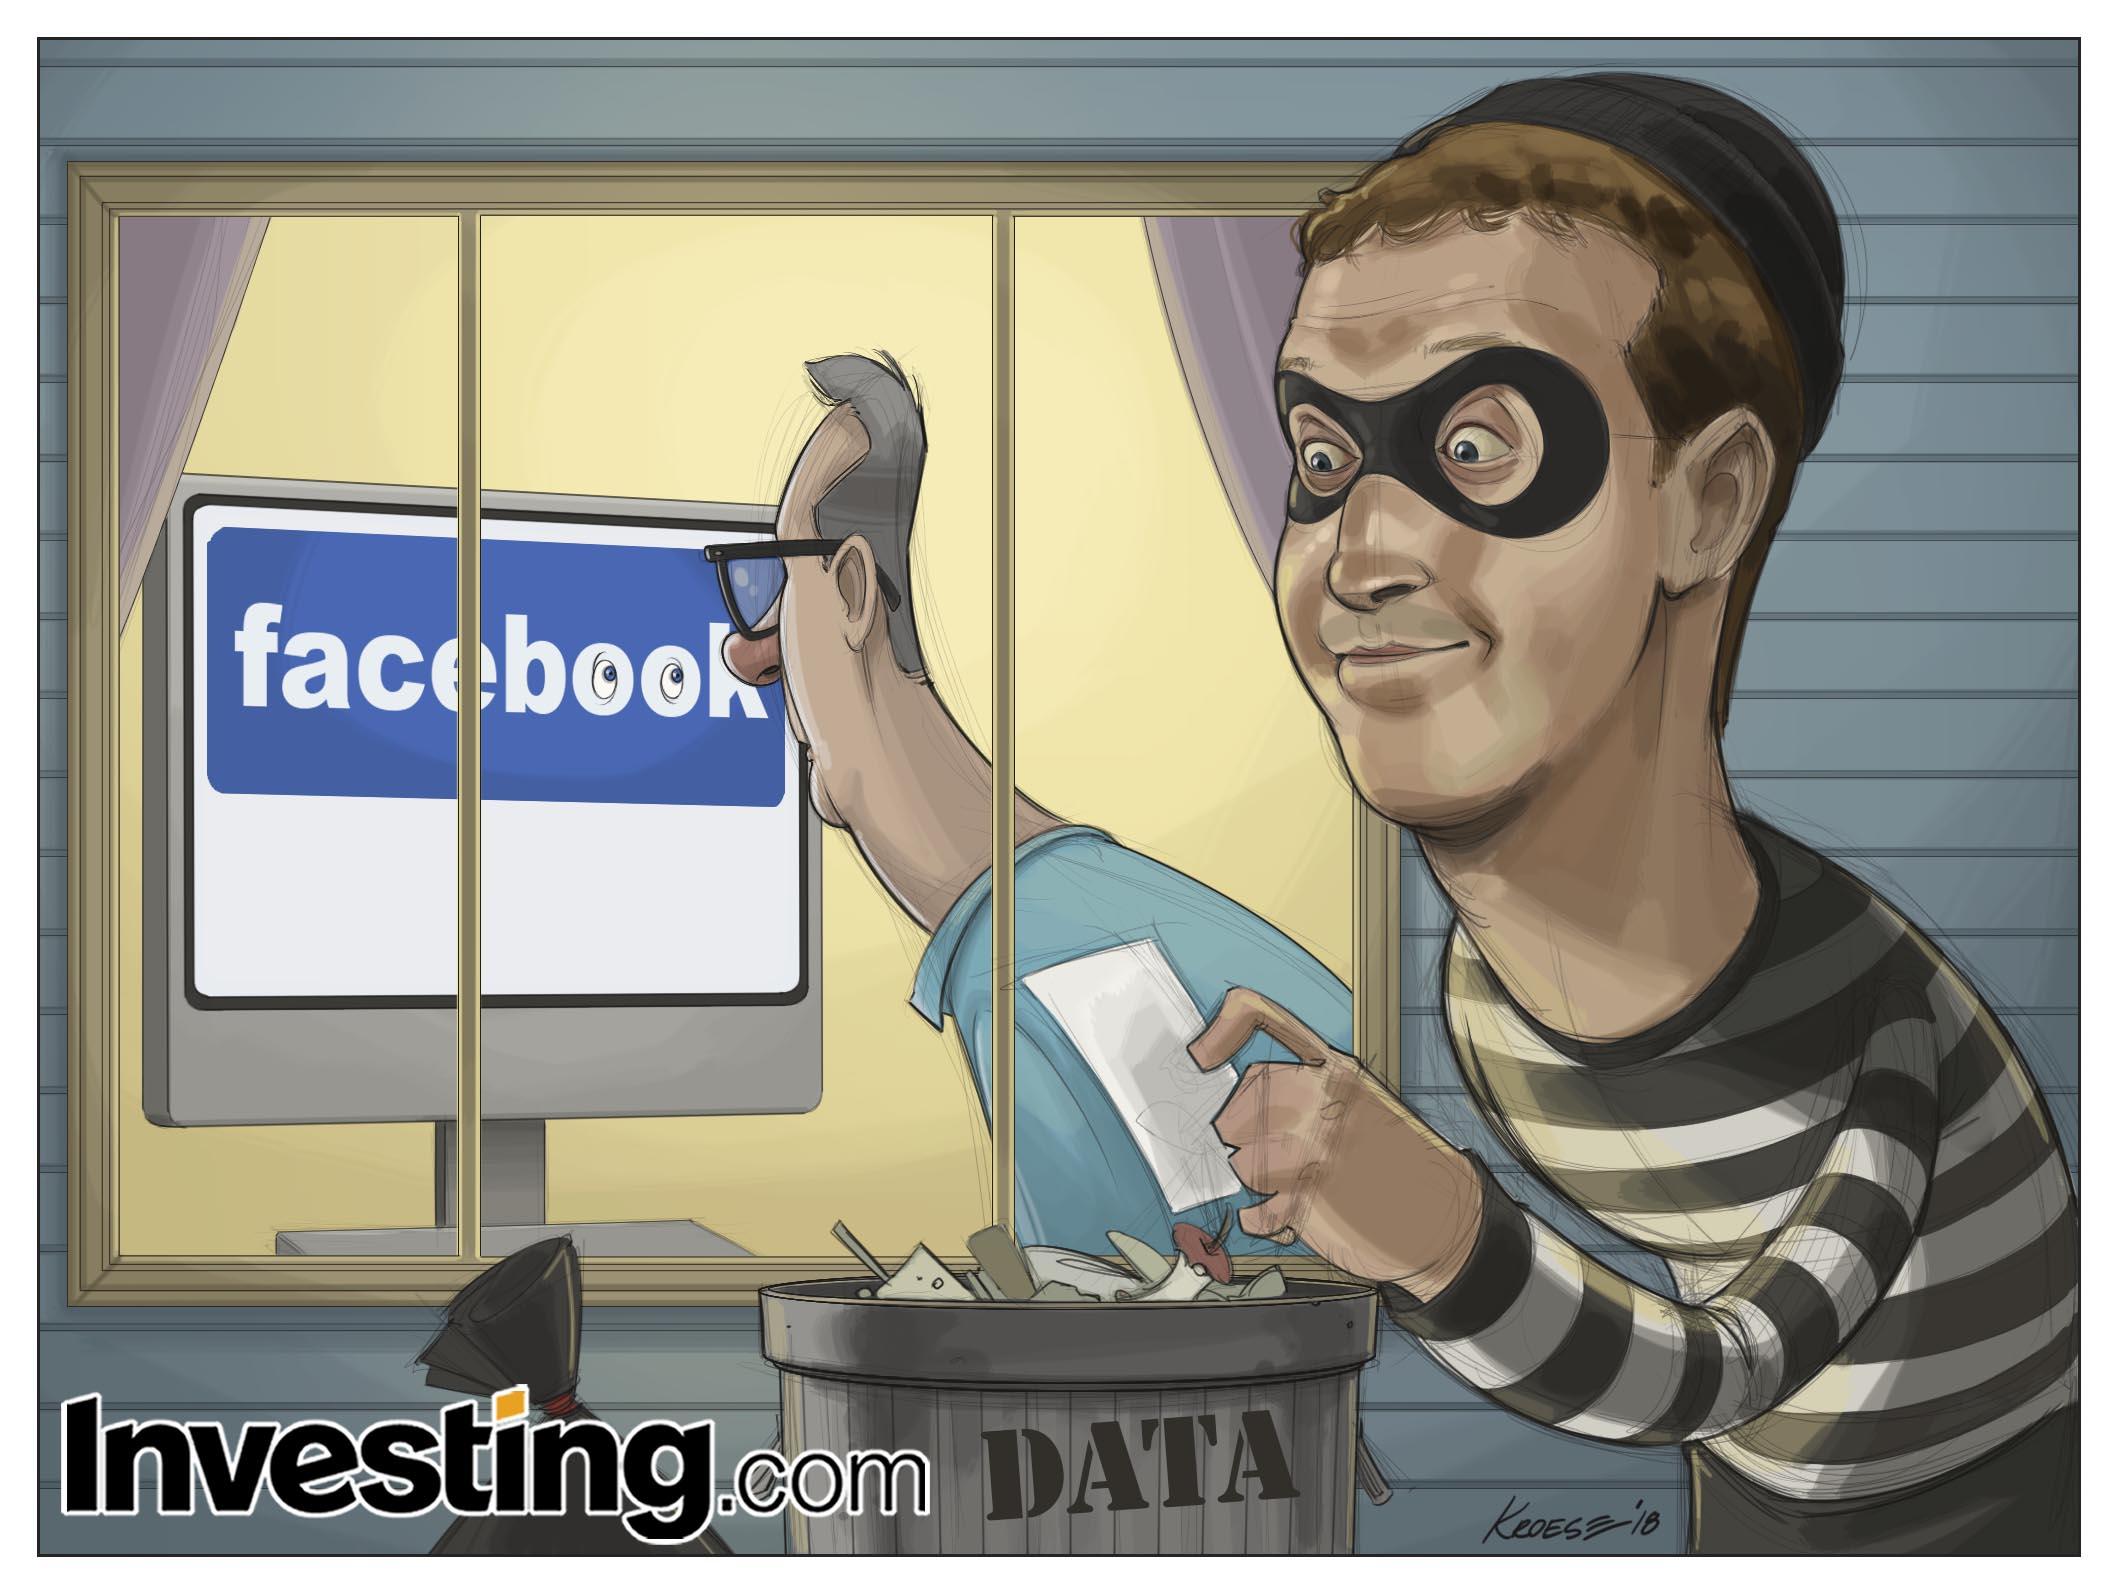 心智正常的人,有誰會使用 Facebook 最新的天秤幣 (Libra Coin)